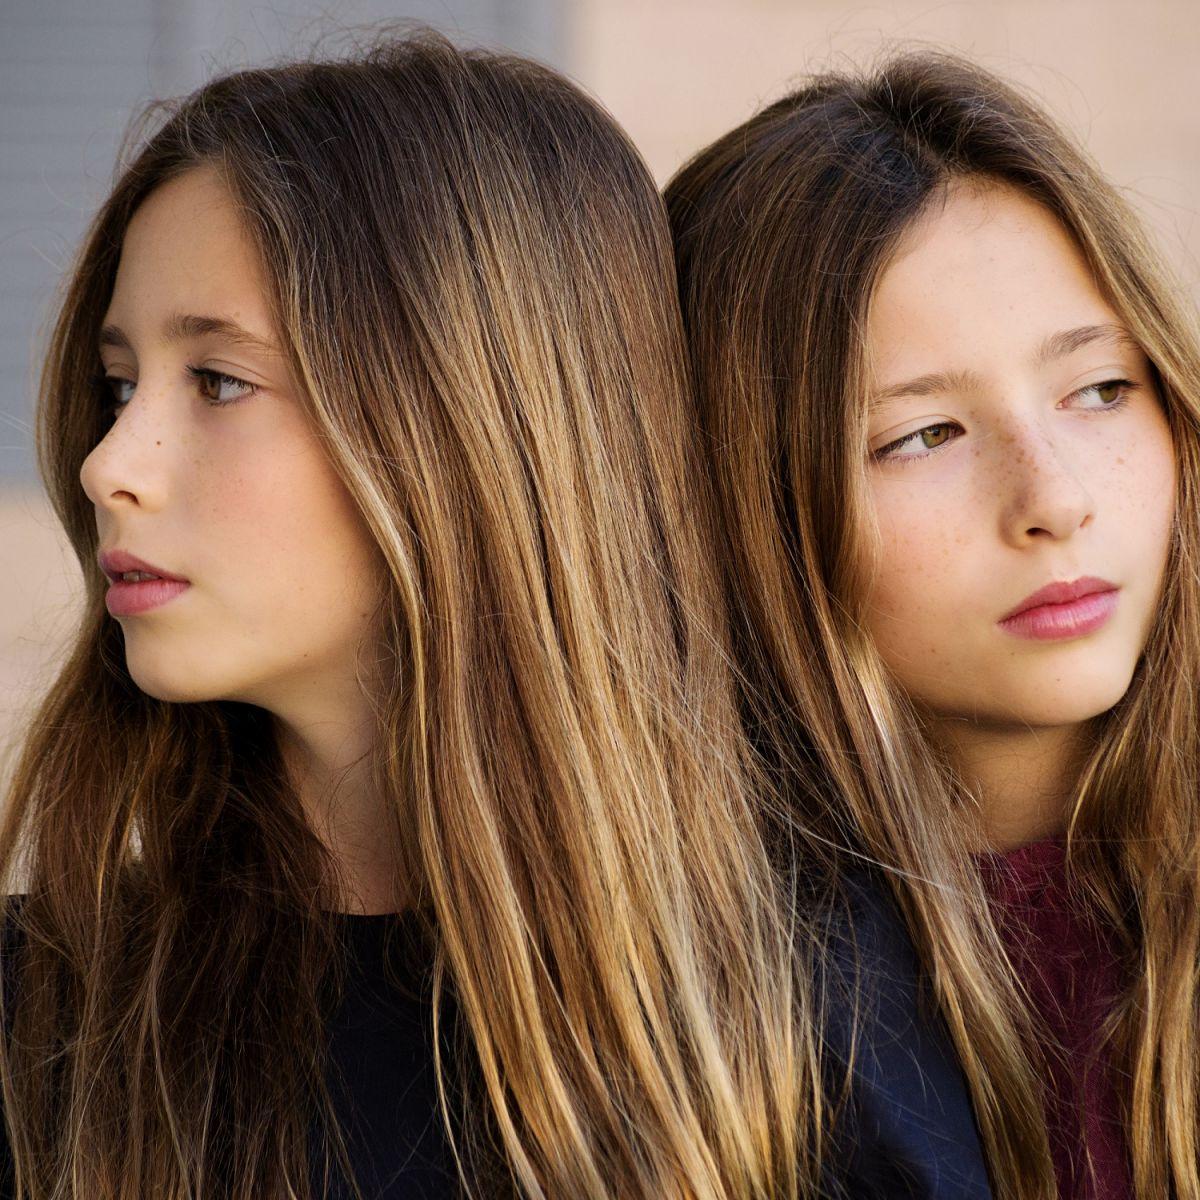 Michela e Fabiana